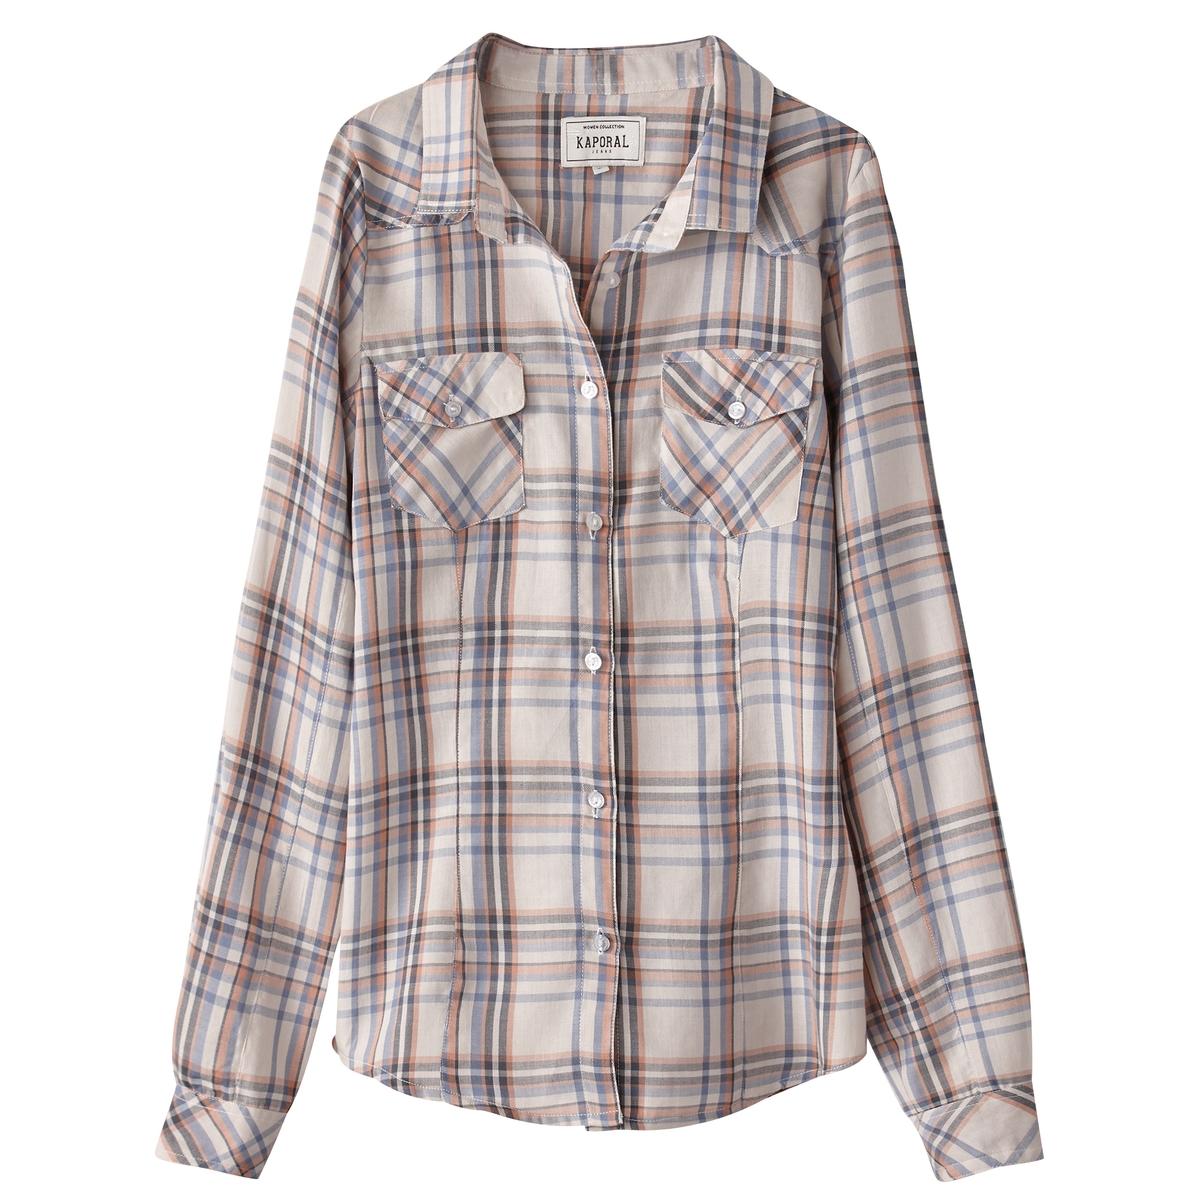 KAPORAL 5 Рубашка прямая из хлопка